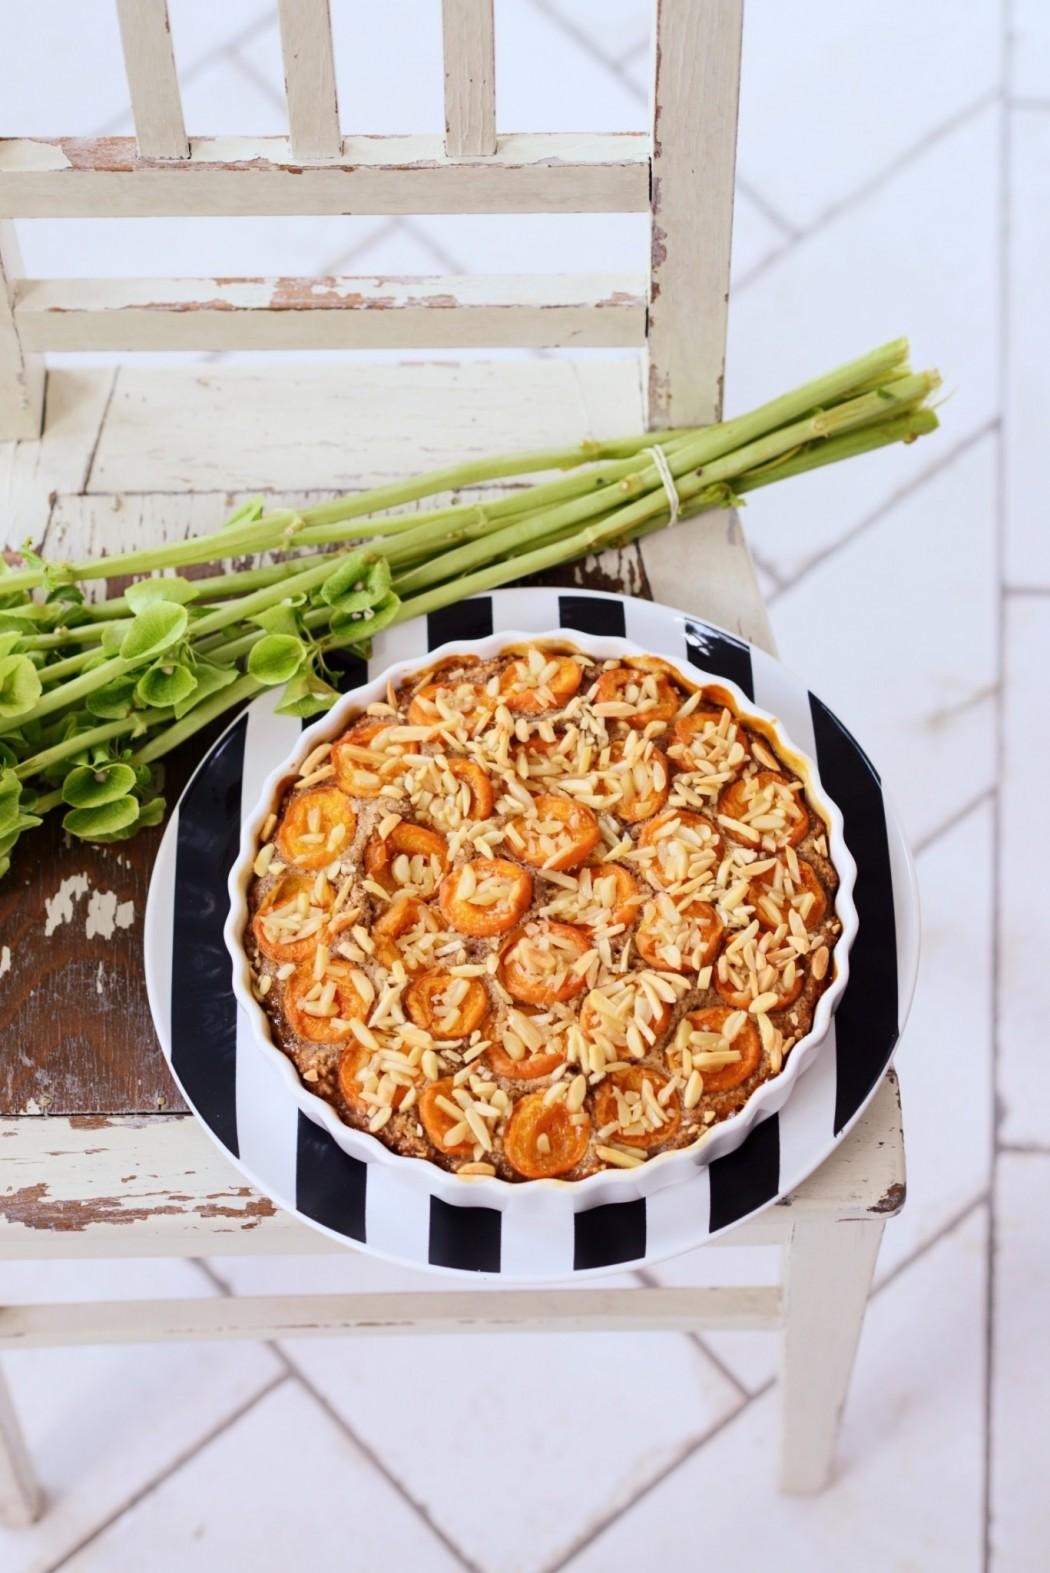 marhulovy koláč s mandlami